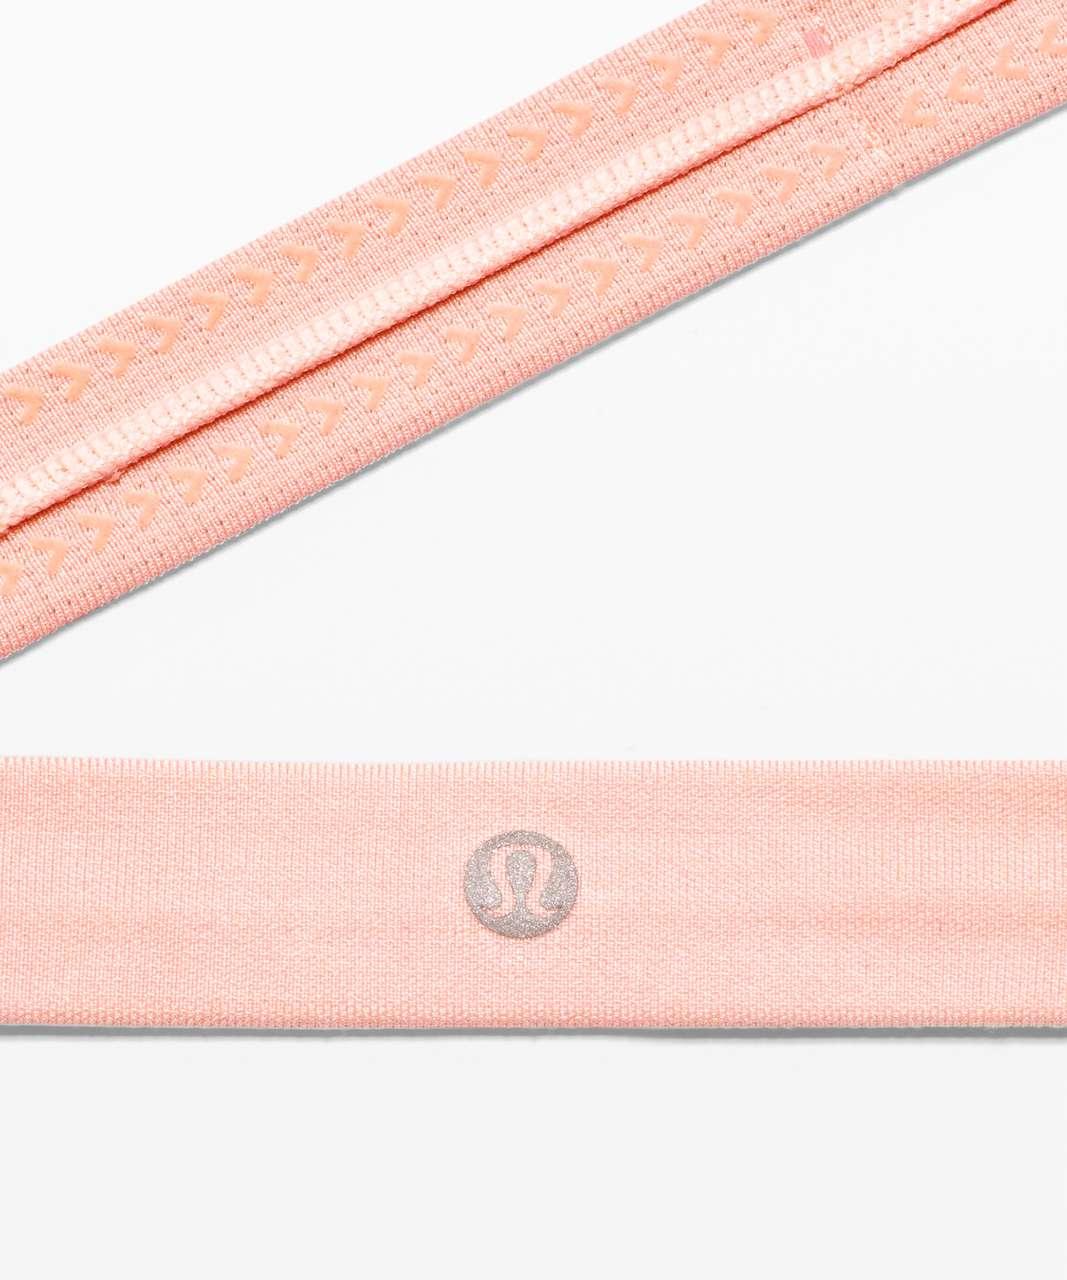 Lululemon Cardio Cross Trainer Headband - Heathered Pink Mist